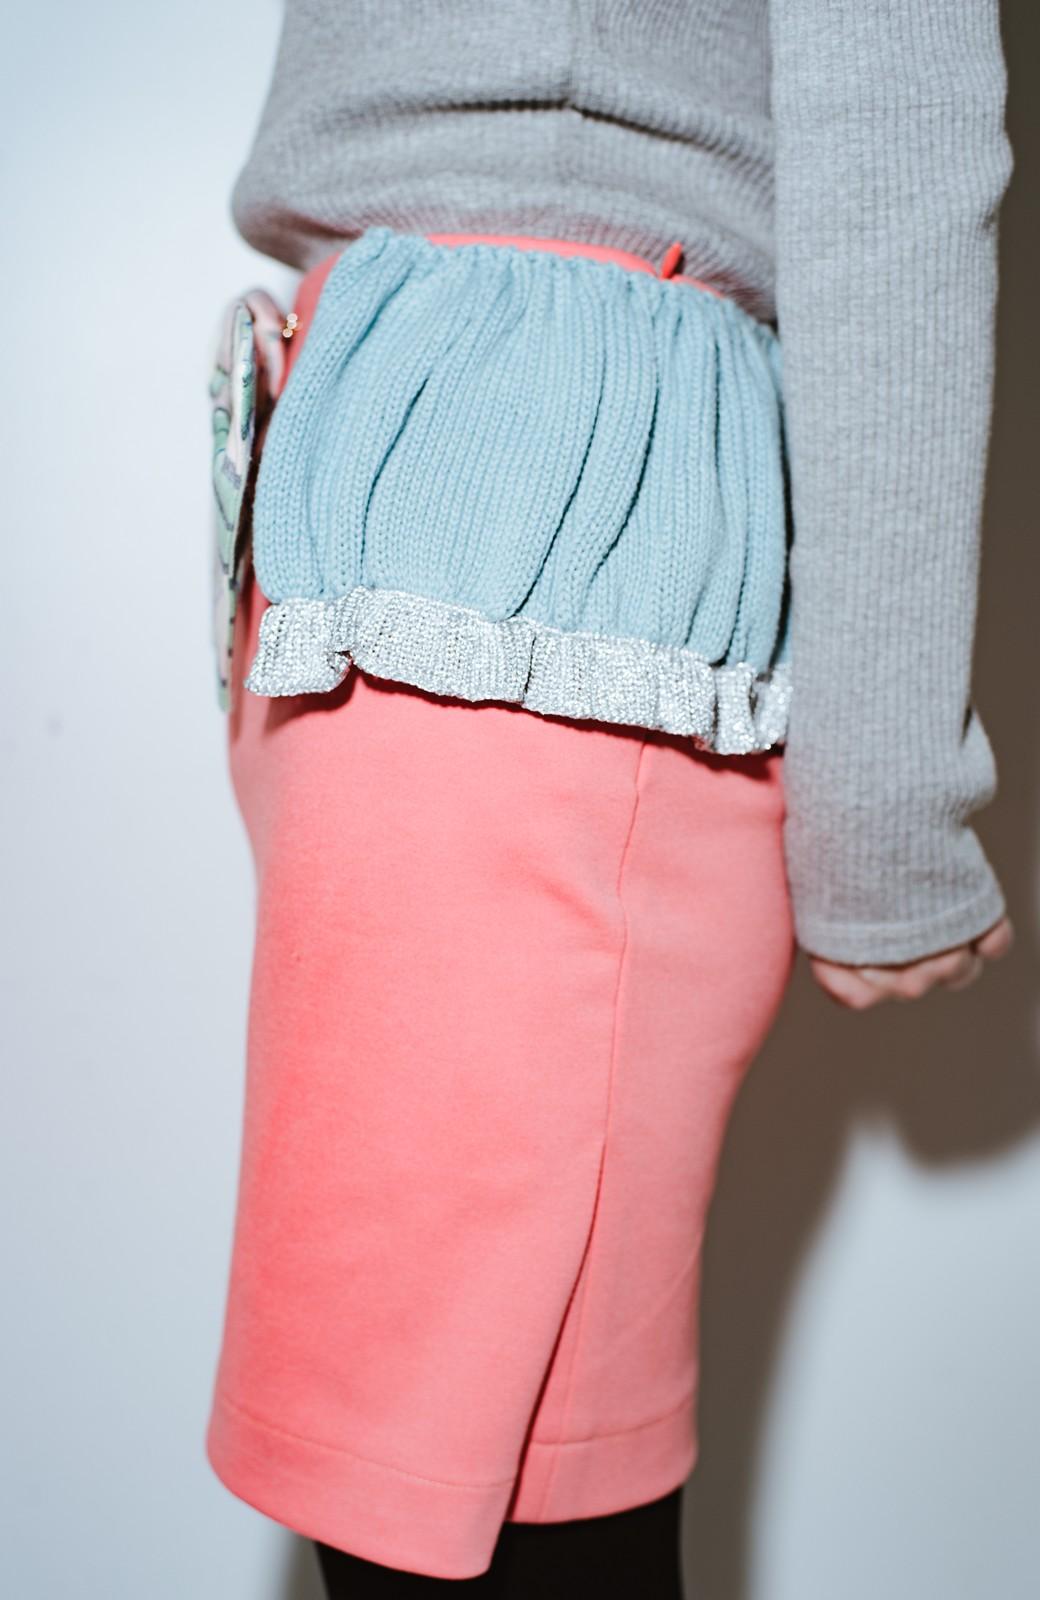 haco! co&tion accoニットフリルのスカート【アーティスト作品1点もの】 <サーモンピンク>の商品写真6